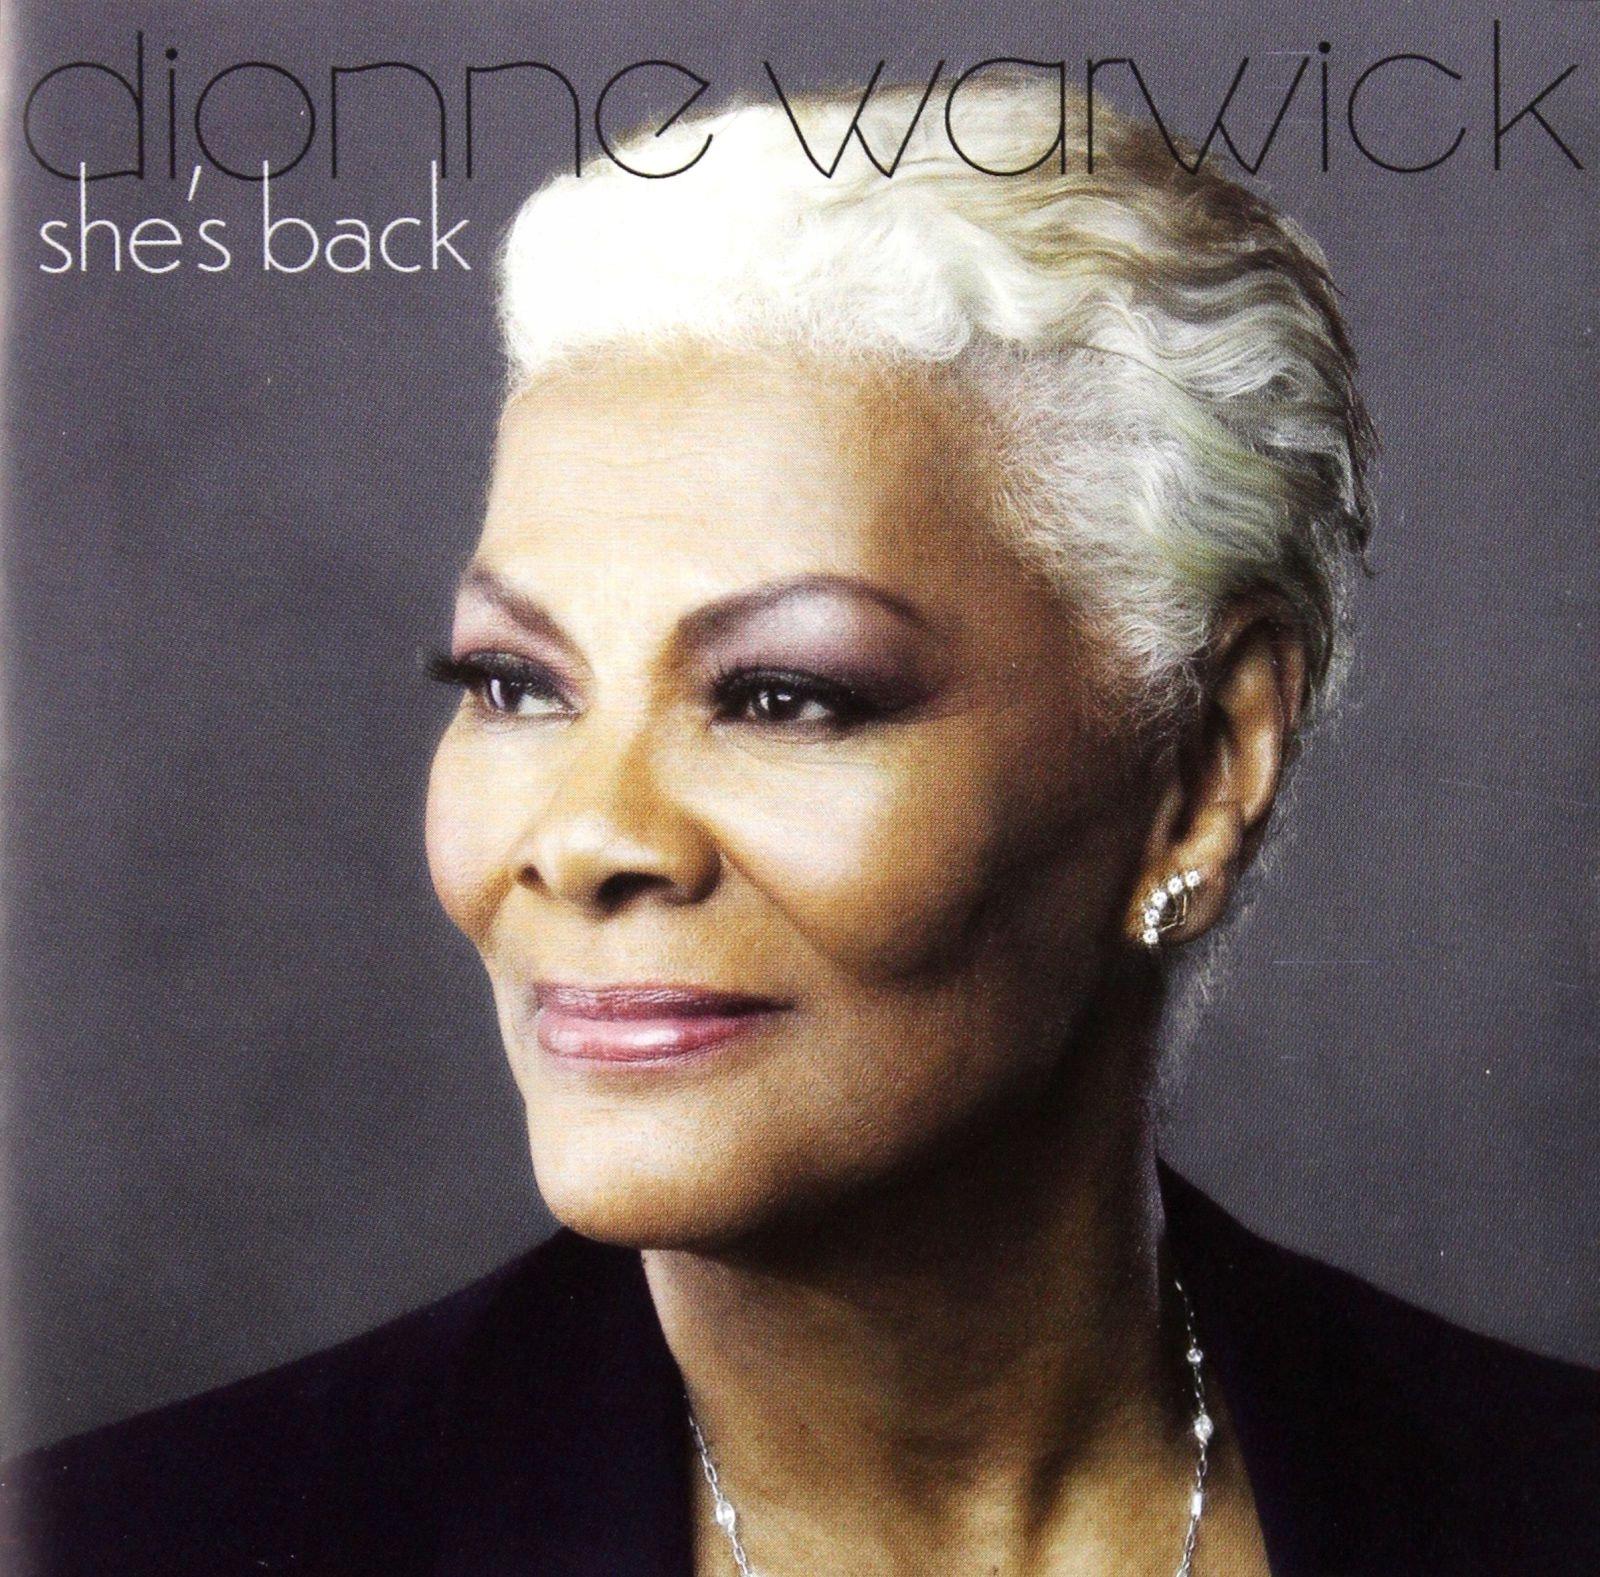 DIONNE WARWICK: SHE'S BACK [2CD]